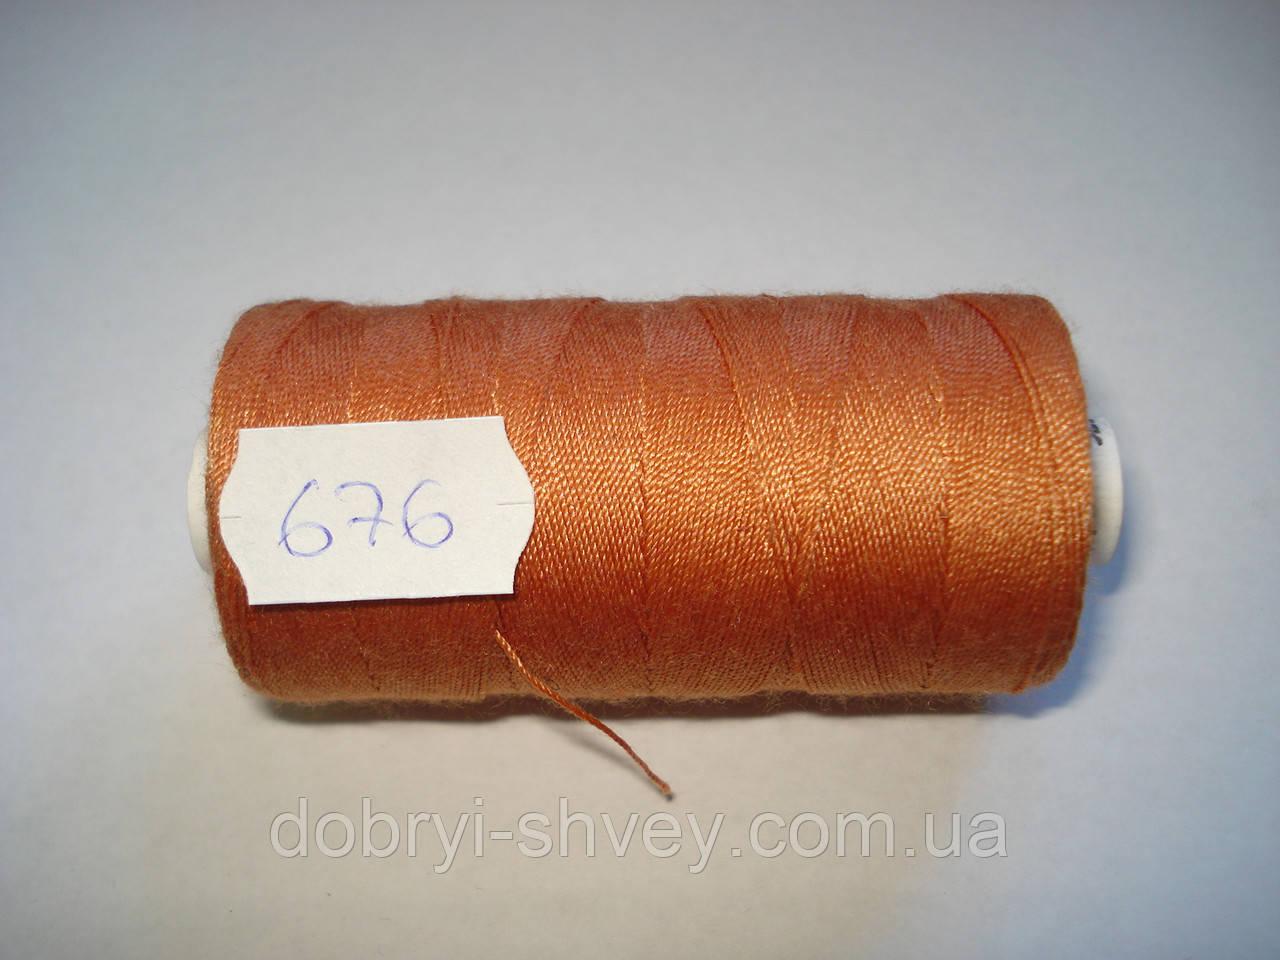 Нитка TRIGAN №30 300м.col 676 морковный (шт.)